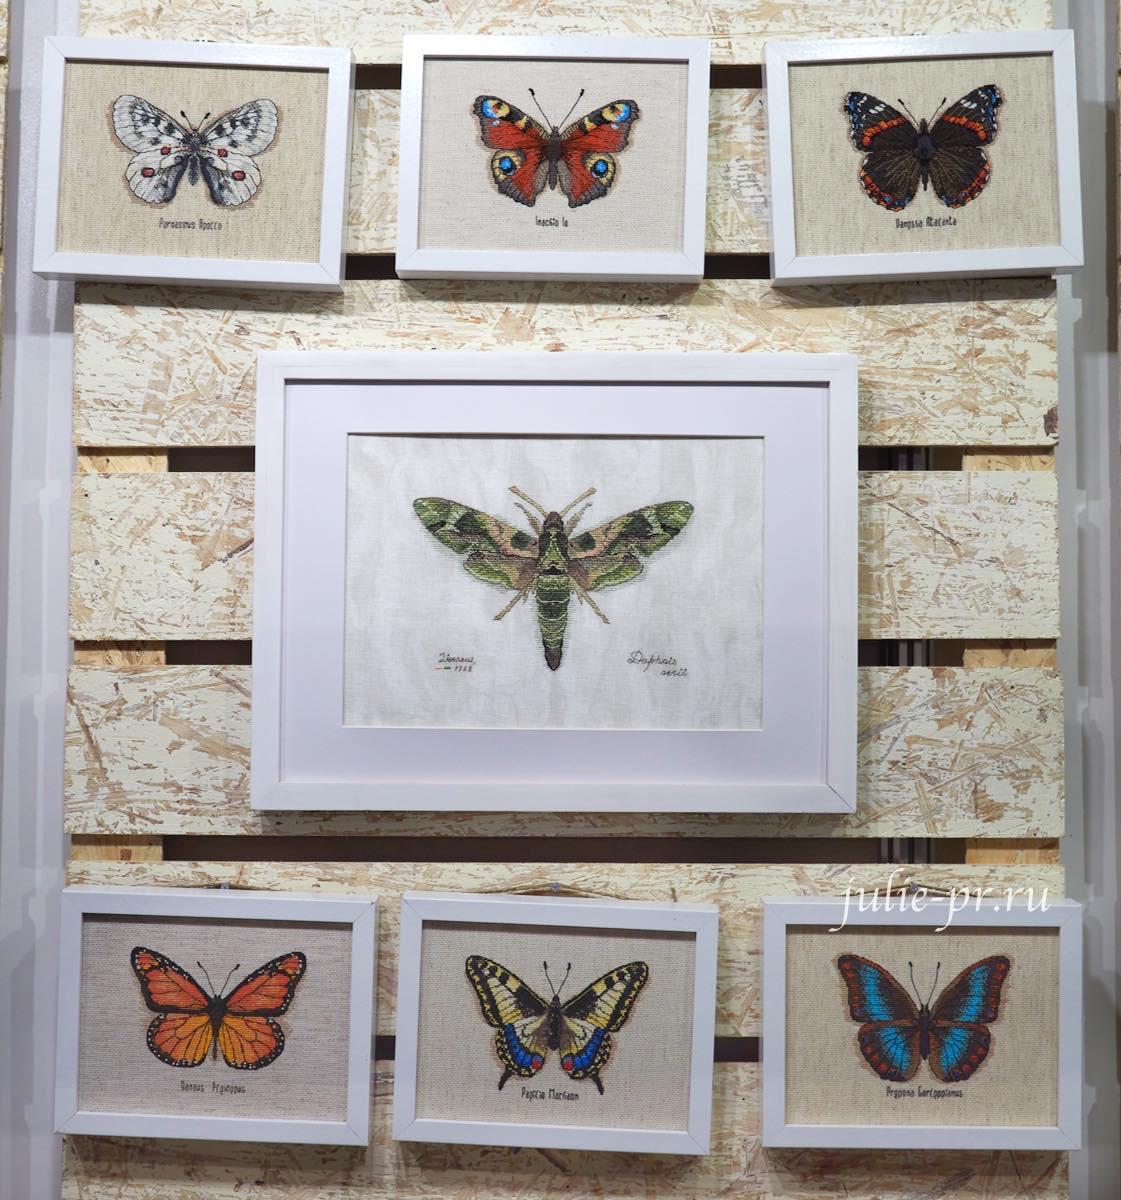 вышивка крестом, Рукодельные забавы, Бабочки, выставка вышивки, Формула рукоделия весна 2021